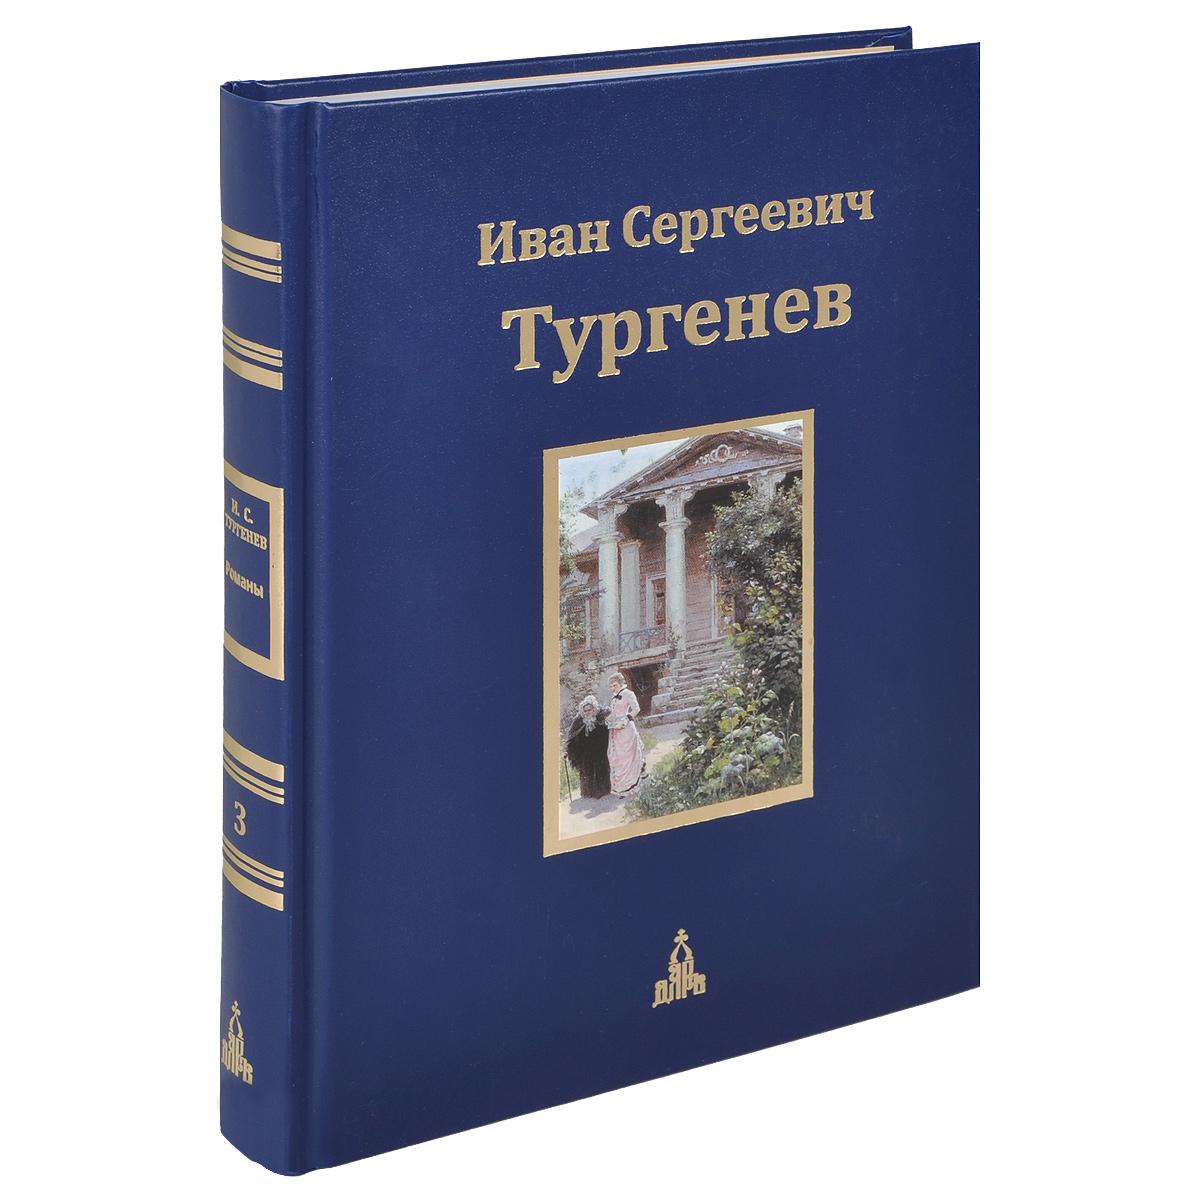 Иван Сергеевич Тургенев. Юбилейное издание. В 3 томах. Том 3